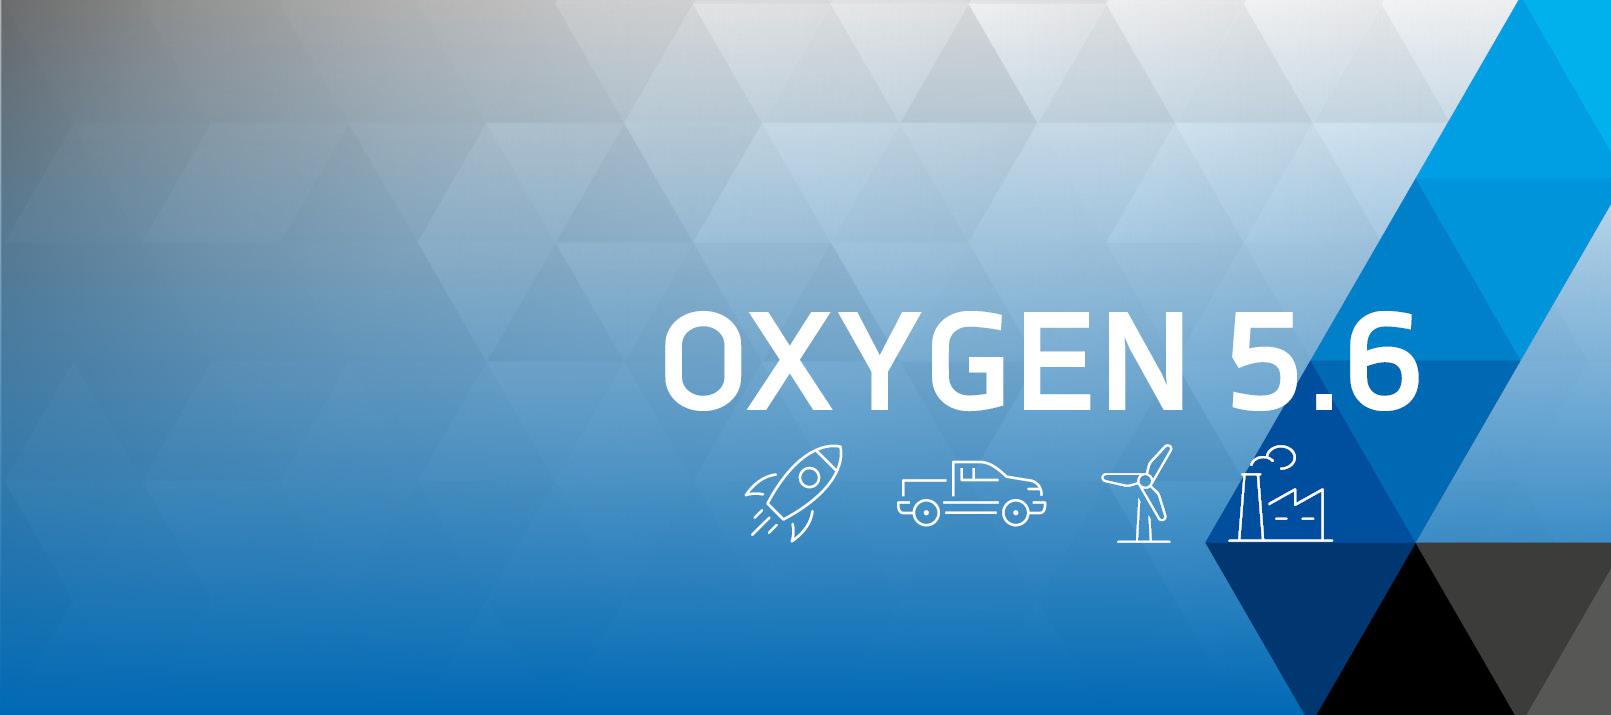 OXYGEN 5.6 Update Header